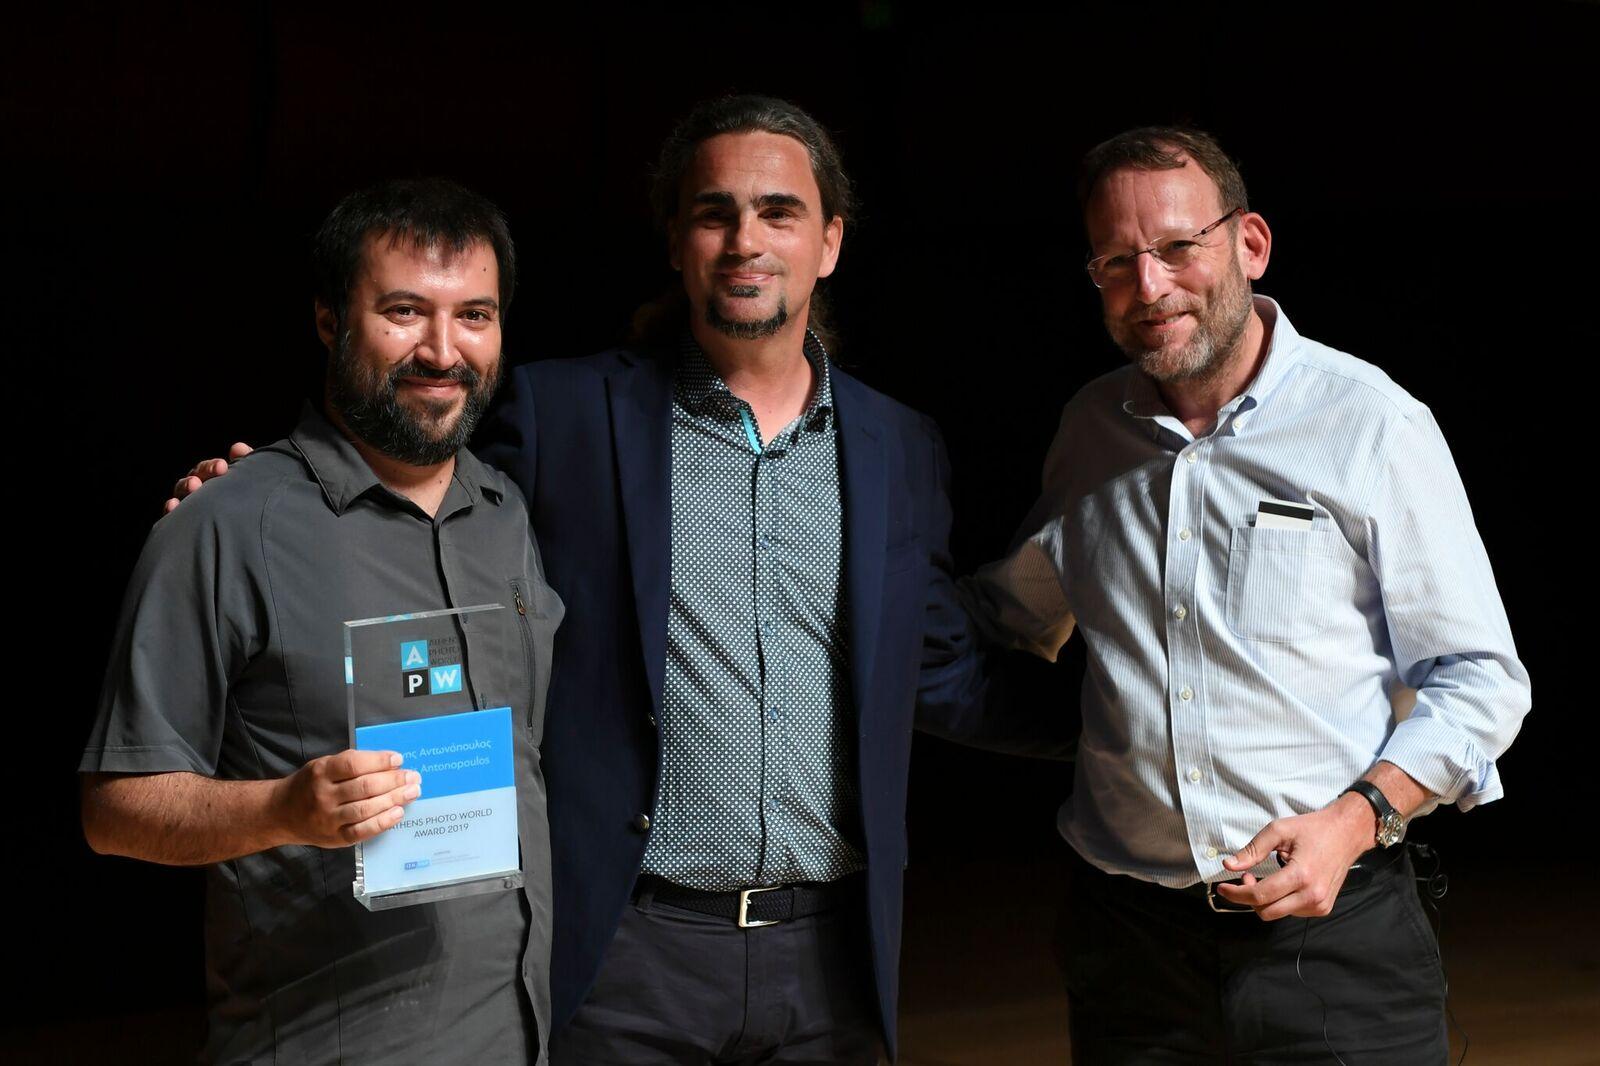 With Santiago Lyon and Thanassis Stavrakis!